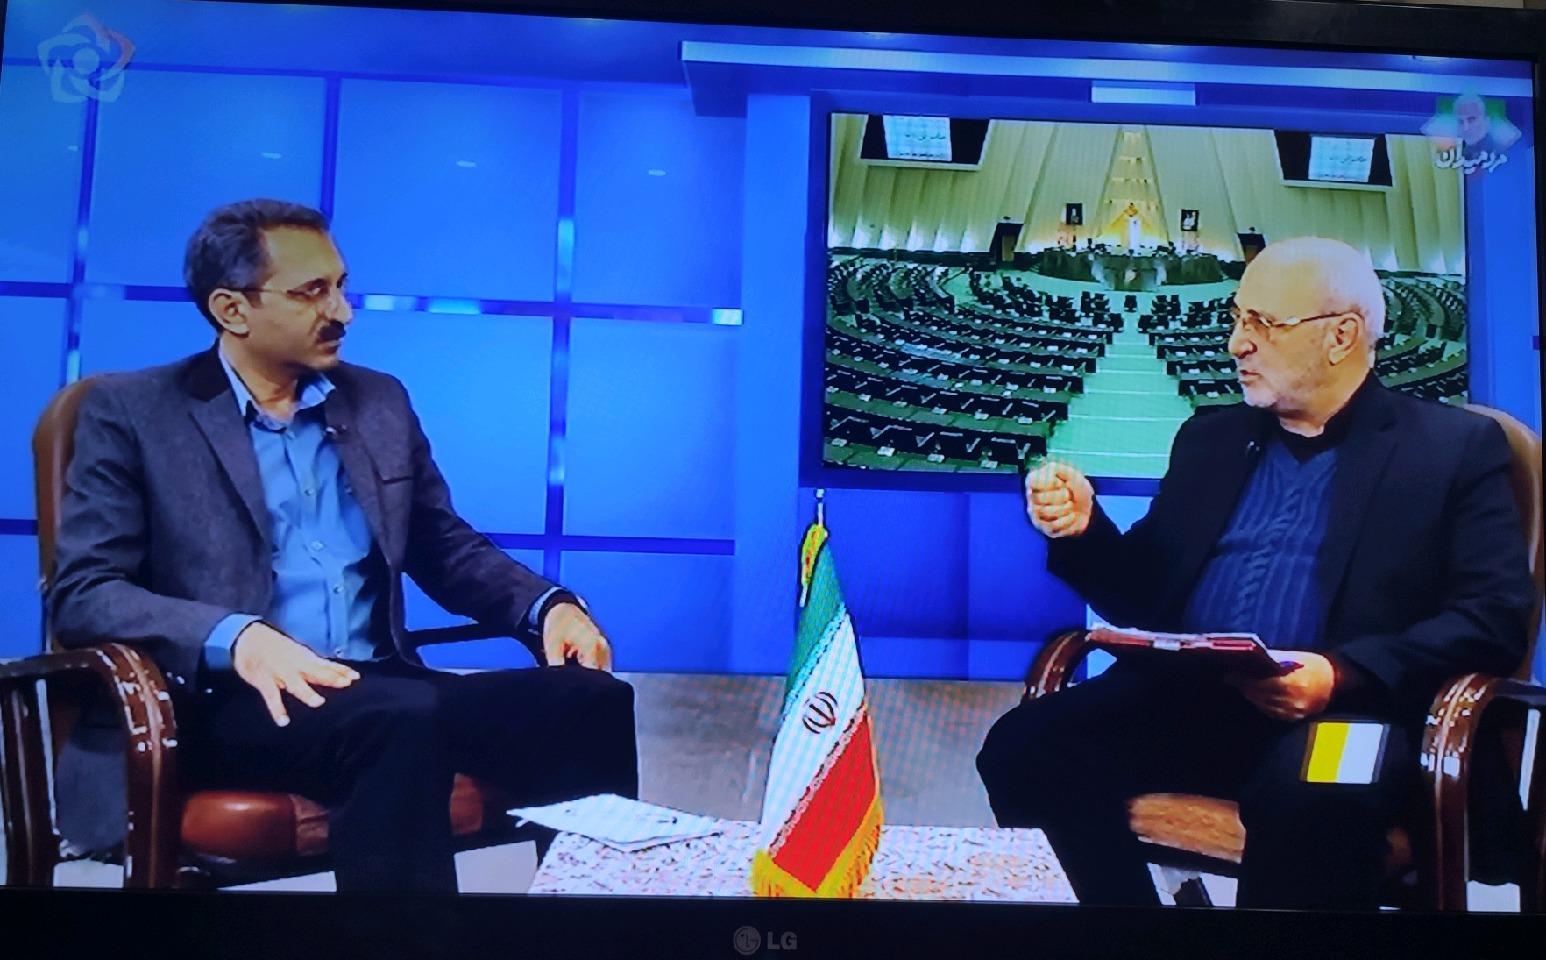 برنامه تلویزیونی خانه ملت با حضور آقای حاجی، امروز جمعه ۱۲ دی ماه ۱۳۹۹